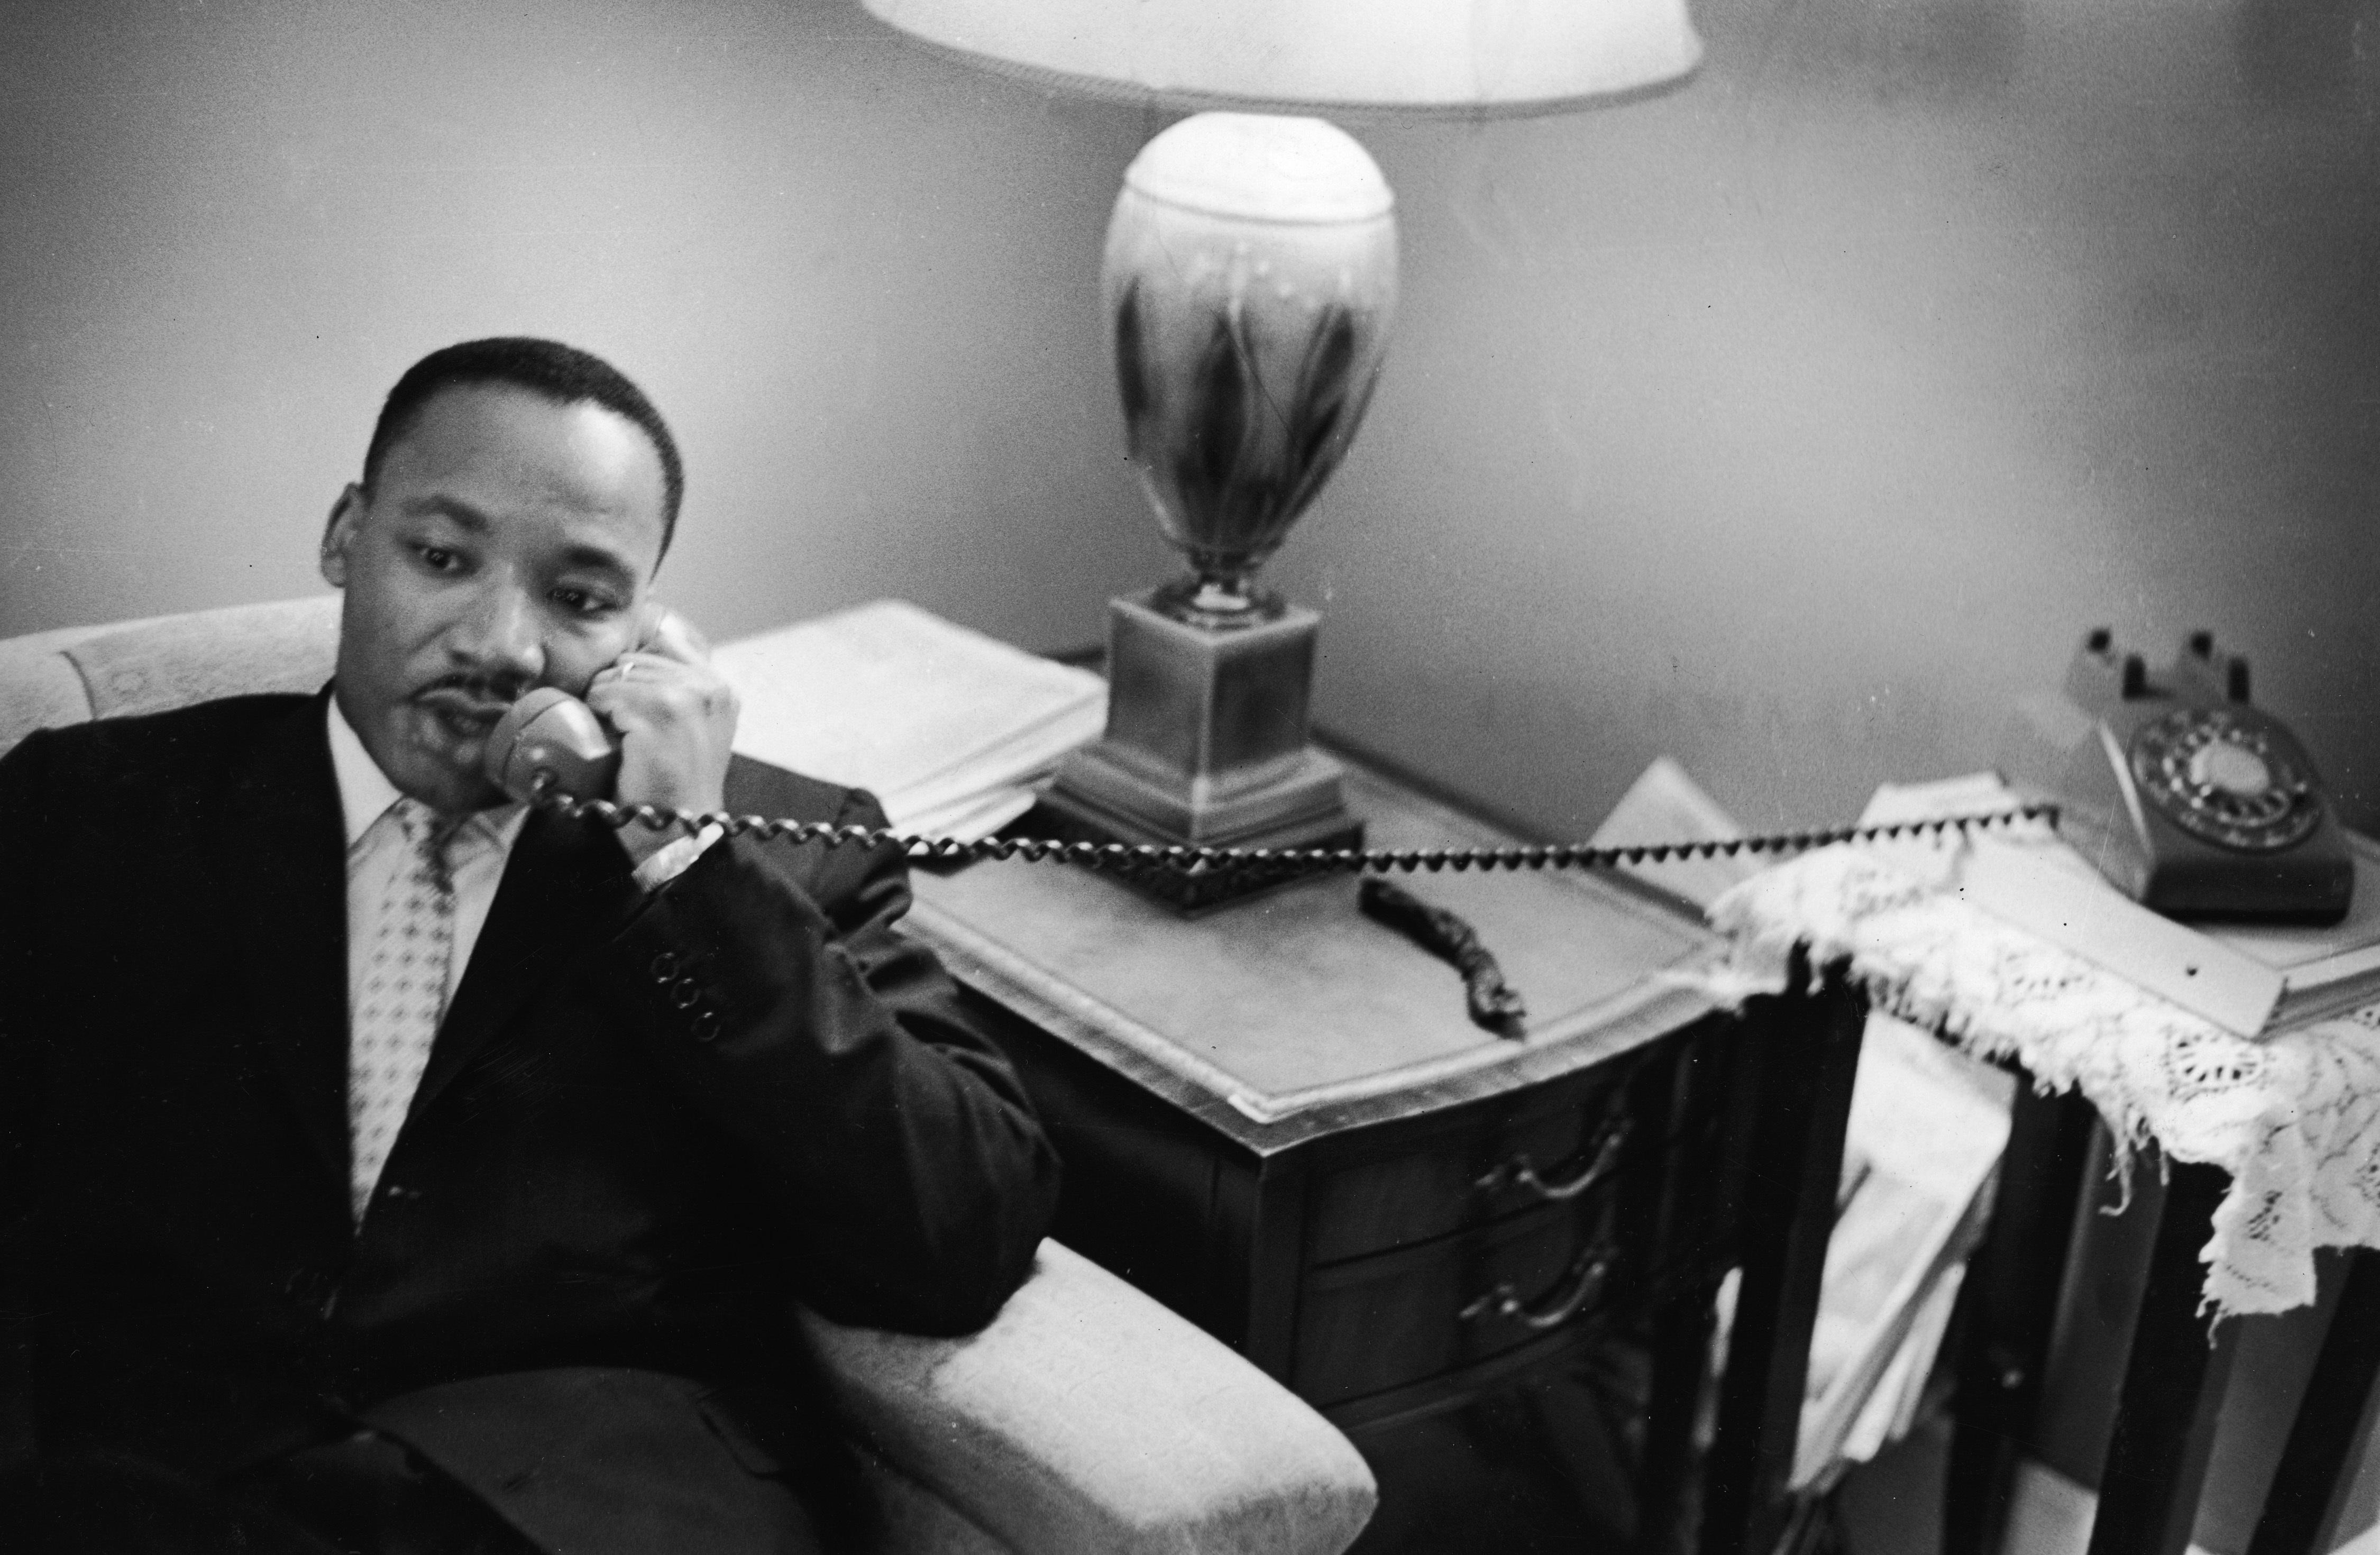 Мартин Лутър Кинг<br /> <br /> За борещите се равенство в Америка през 50-те и 60-те години на миналия век, Мартин Лутър Кинг беше икона, различна от всяка друга. Звездата му изгрява през 1955 г., когато е едва 25-годишен. В рамките на едно десетилетие, той държи речи пред на десетки хиляди демонстранти във Вашингтон, и успява да видите най-големите си постижения – Движението за граждански права и Движението за правото на глас – превърнати в закон, съответно през 1964 г. и 1965 г.